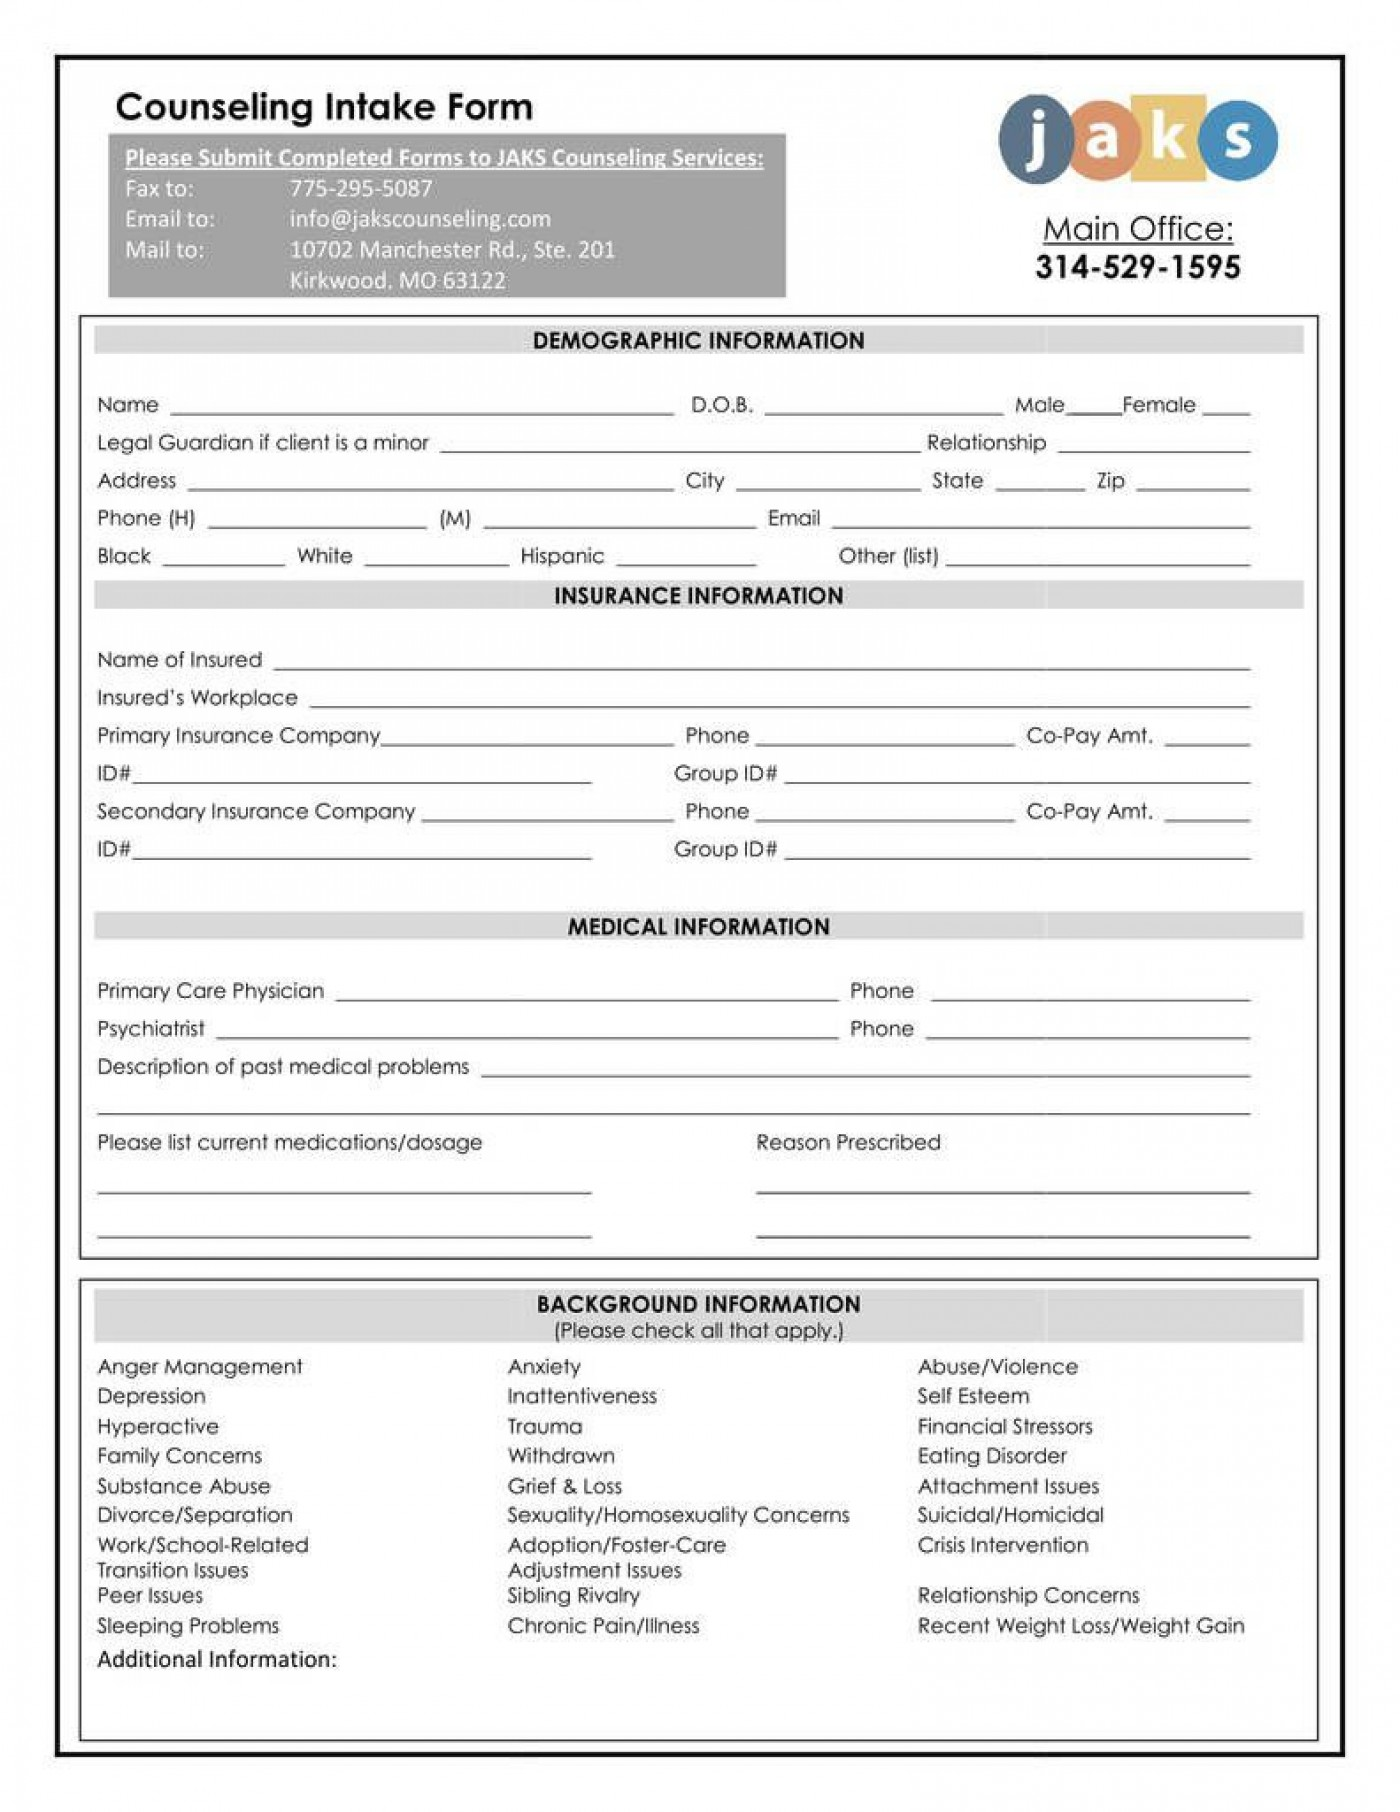 006 Simple Drug Test Result Form Template Sample  Free1400